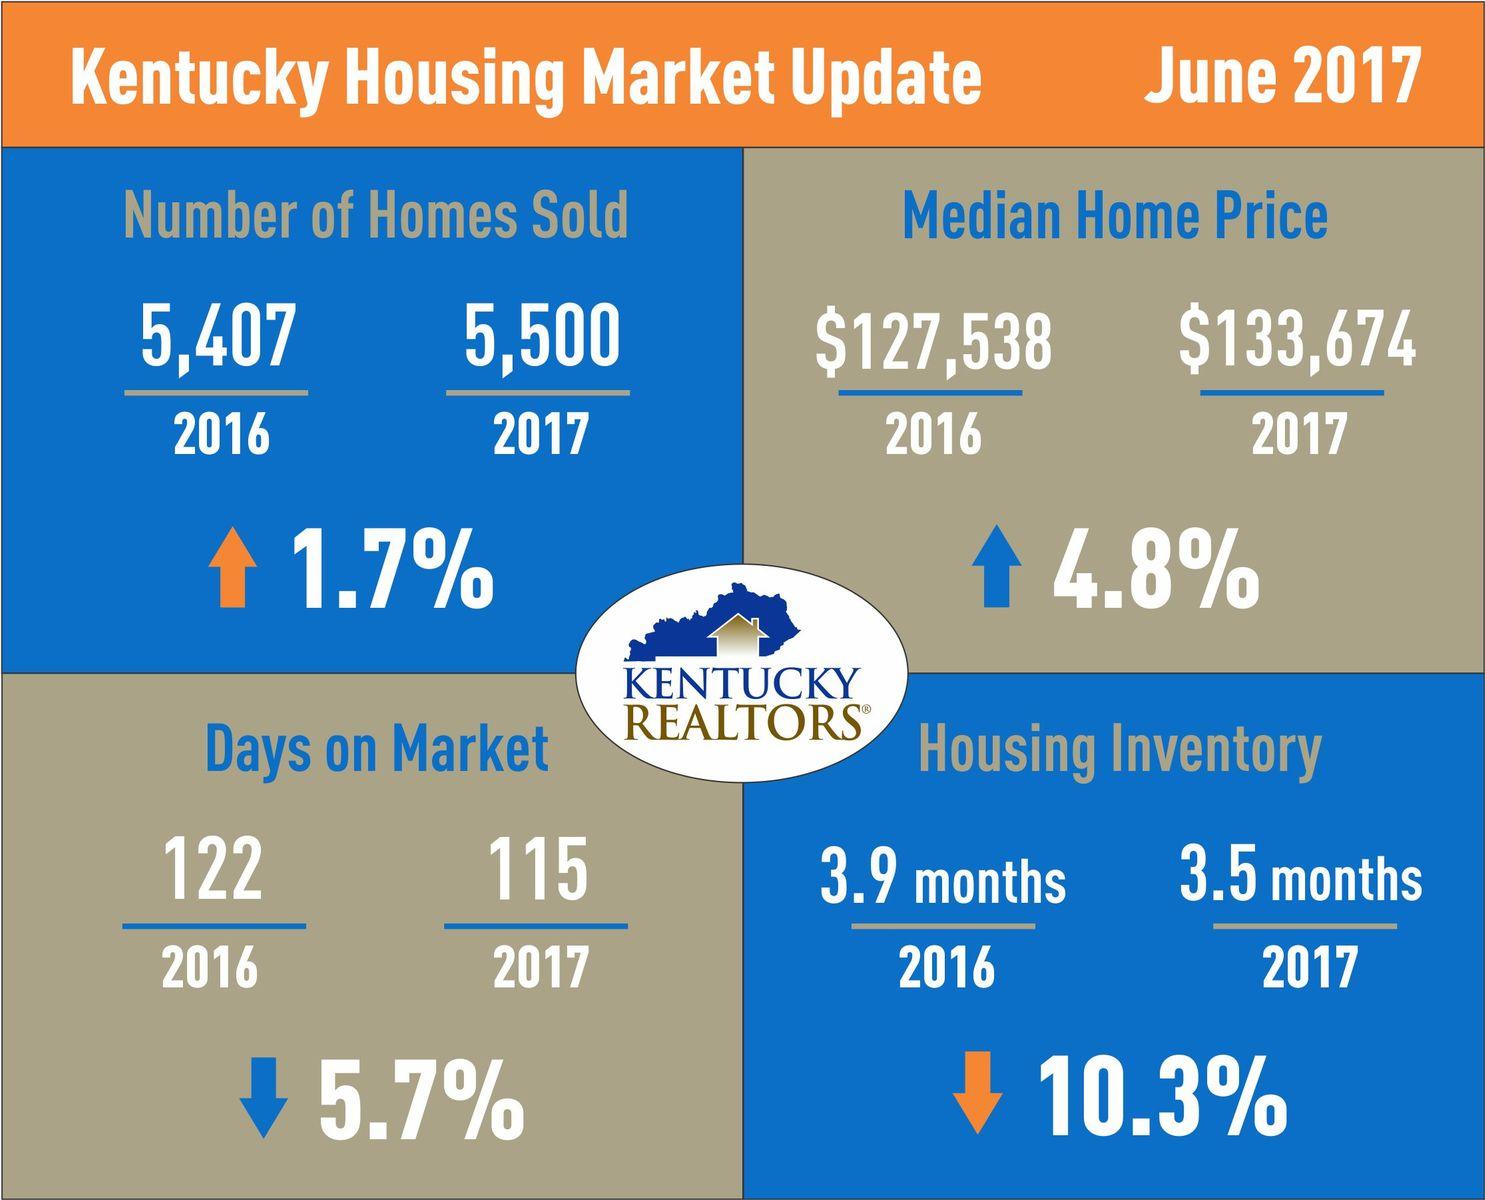 Kentucky Housing Market Update June 2017